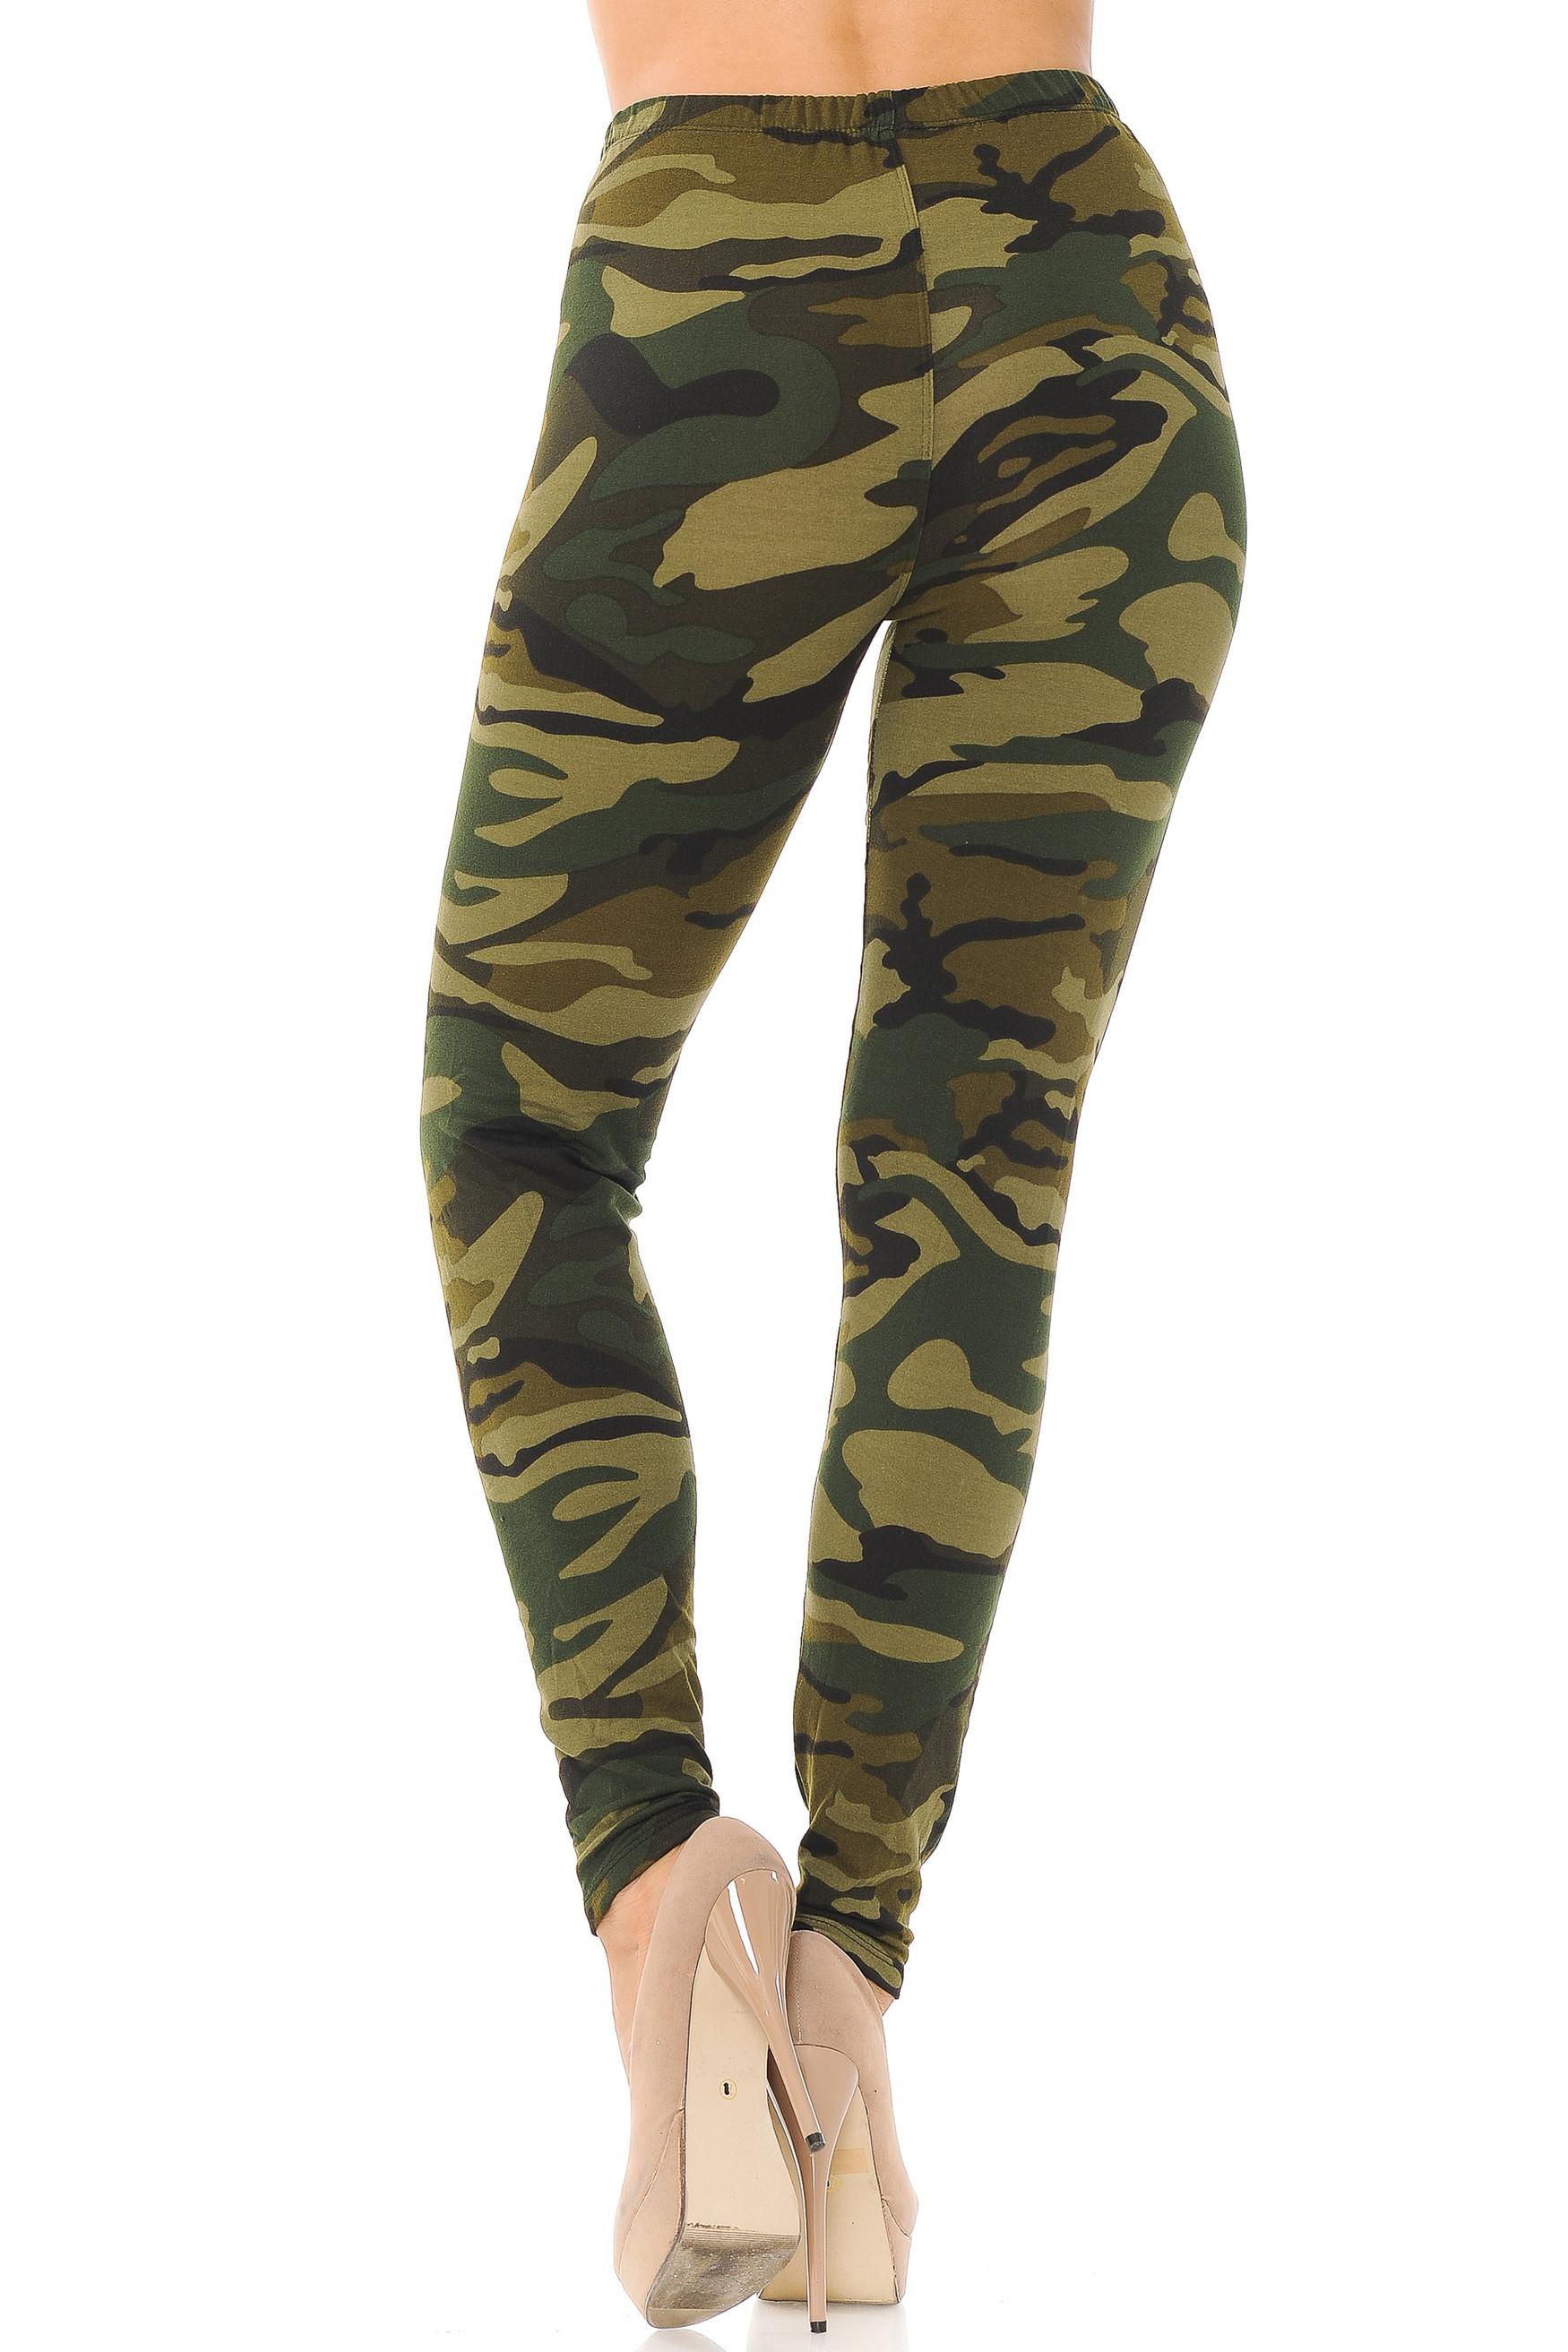 Brushed  Green Camouflage Leggings - EEVEE